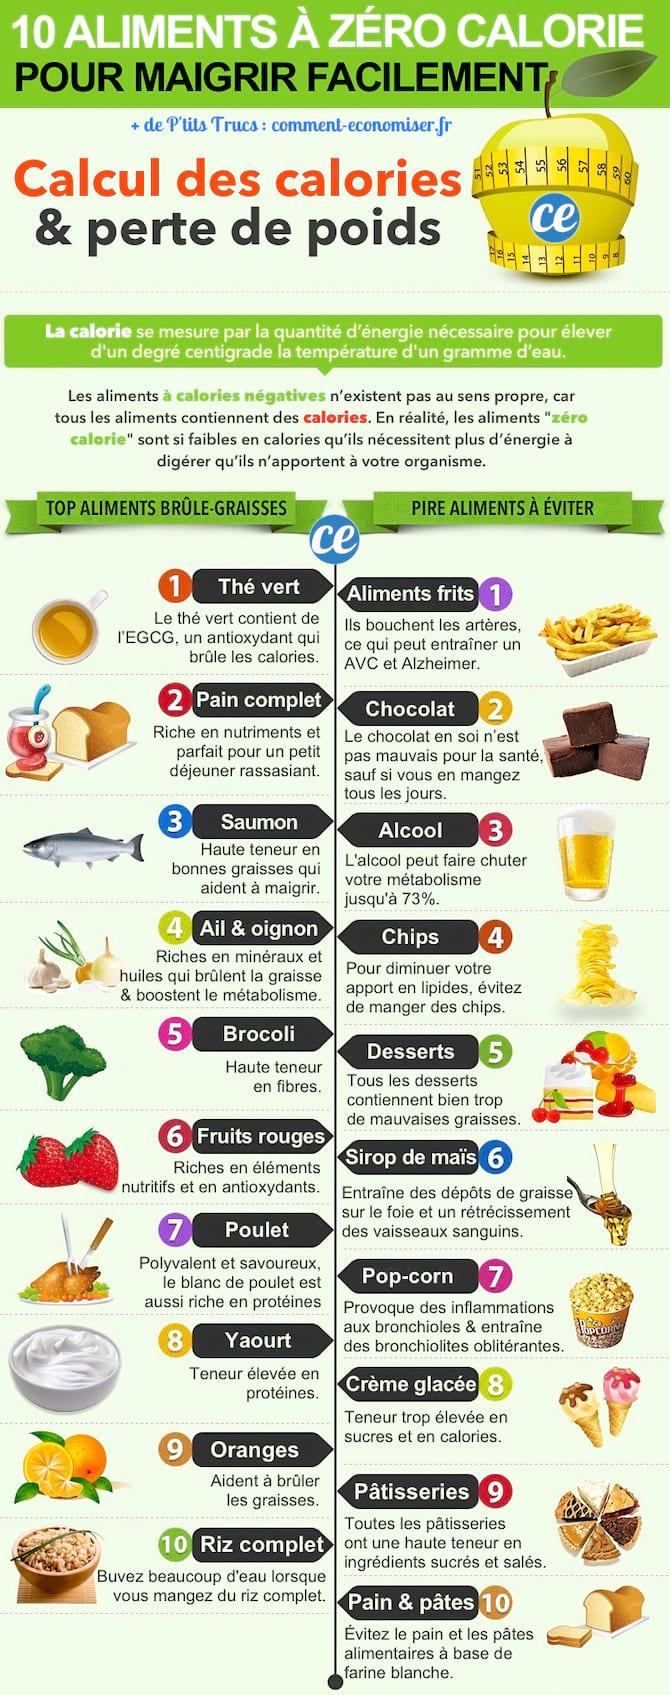 42 astuces simples et efficaces pour maigrir rapidement